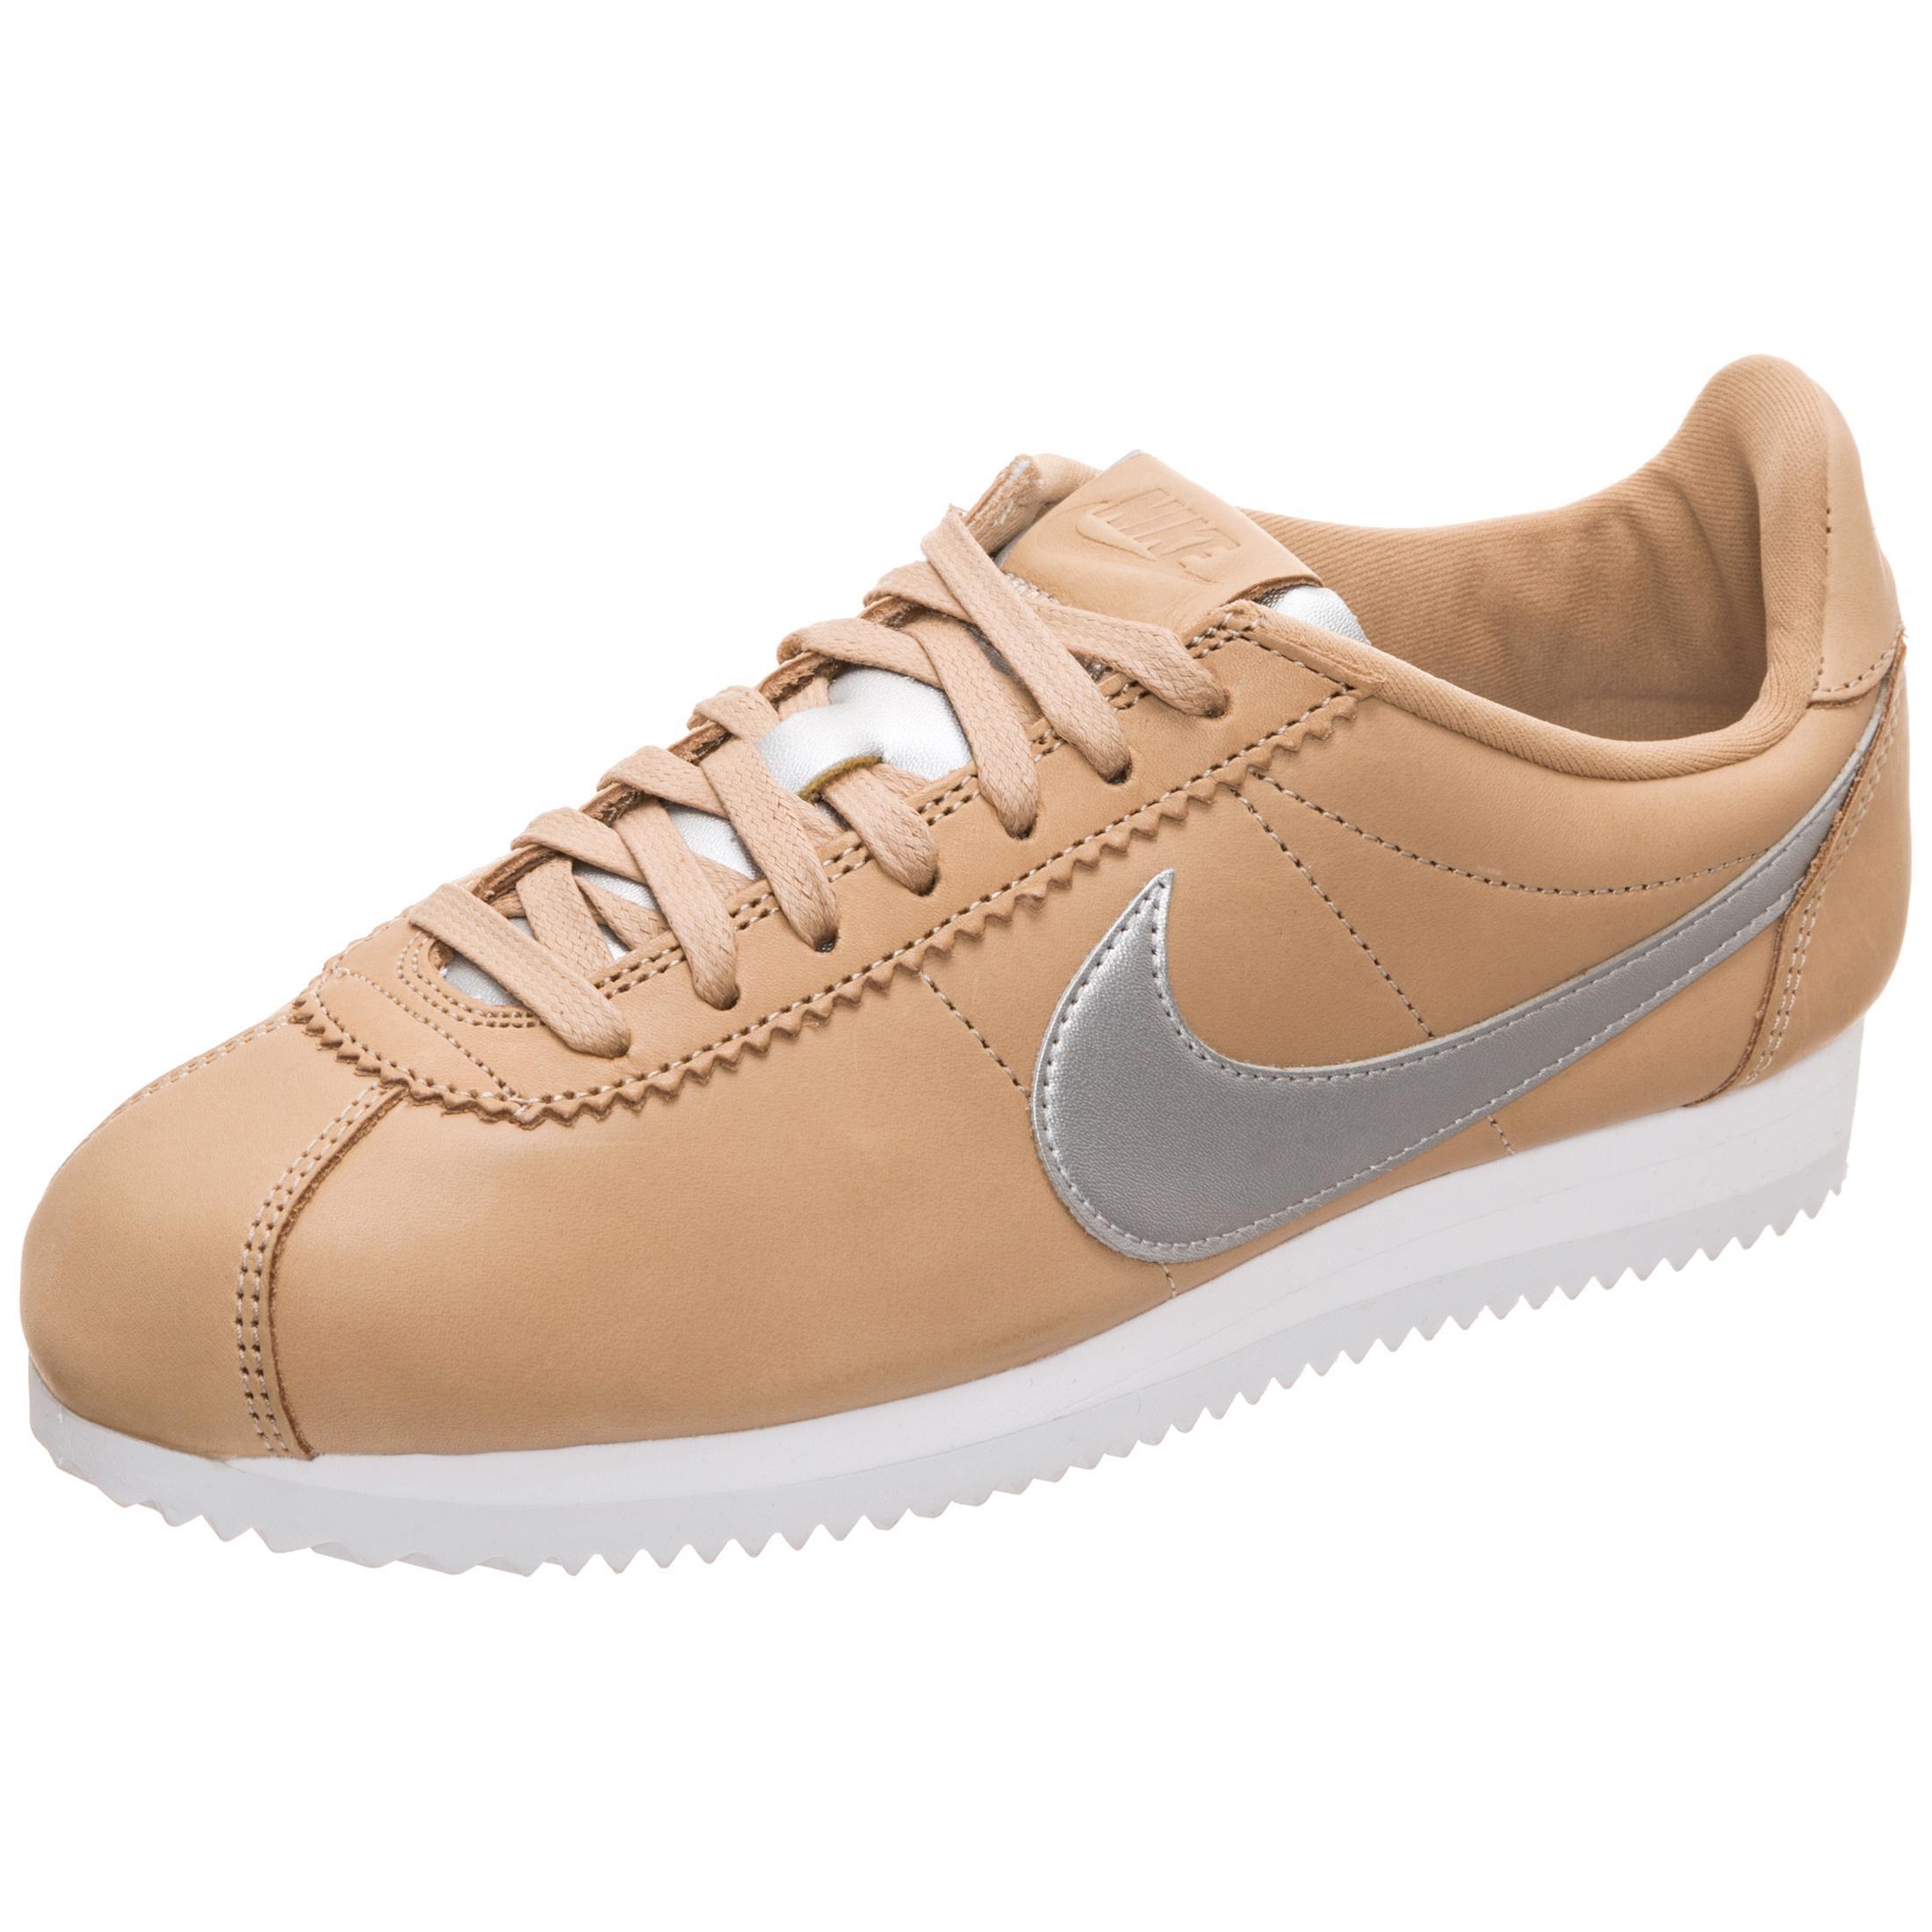 e6655c21837c ... closeout nike cortez nbx sneaker damen beige im online shop von  sportscheck kaufen 6f3ec 32958